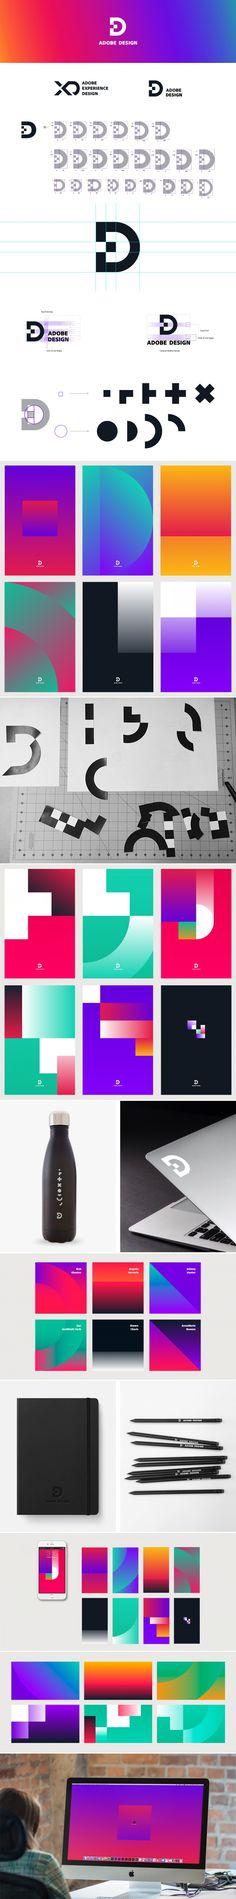 Adobe Design Rebrand